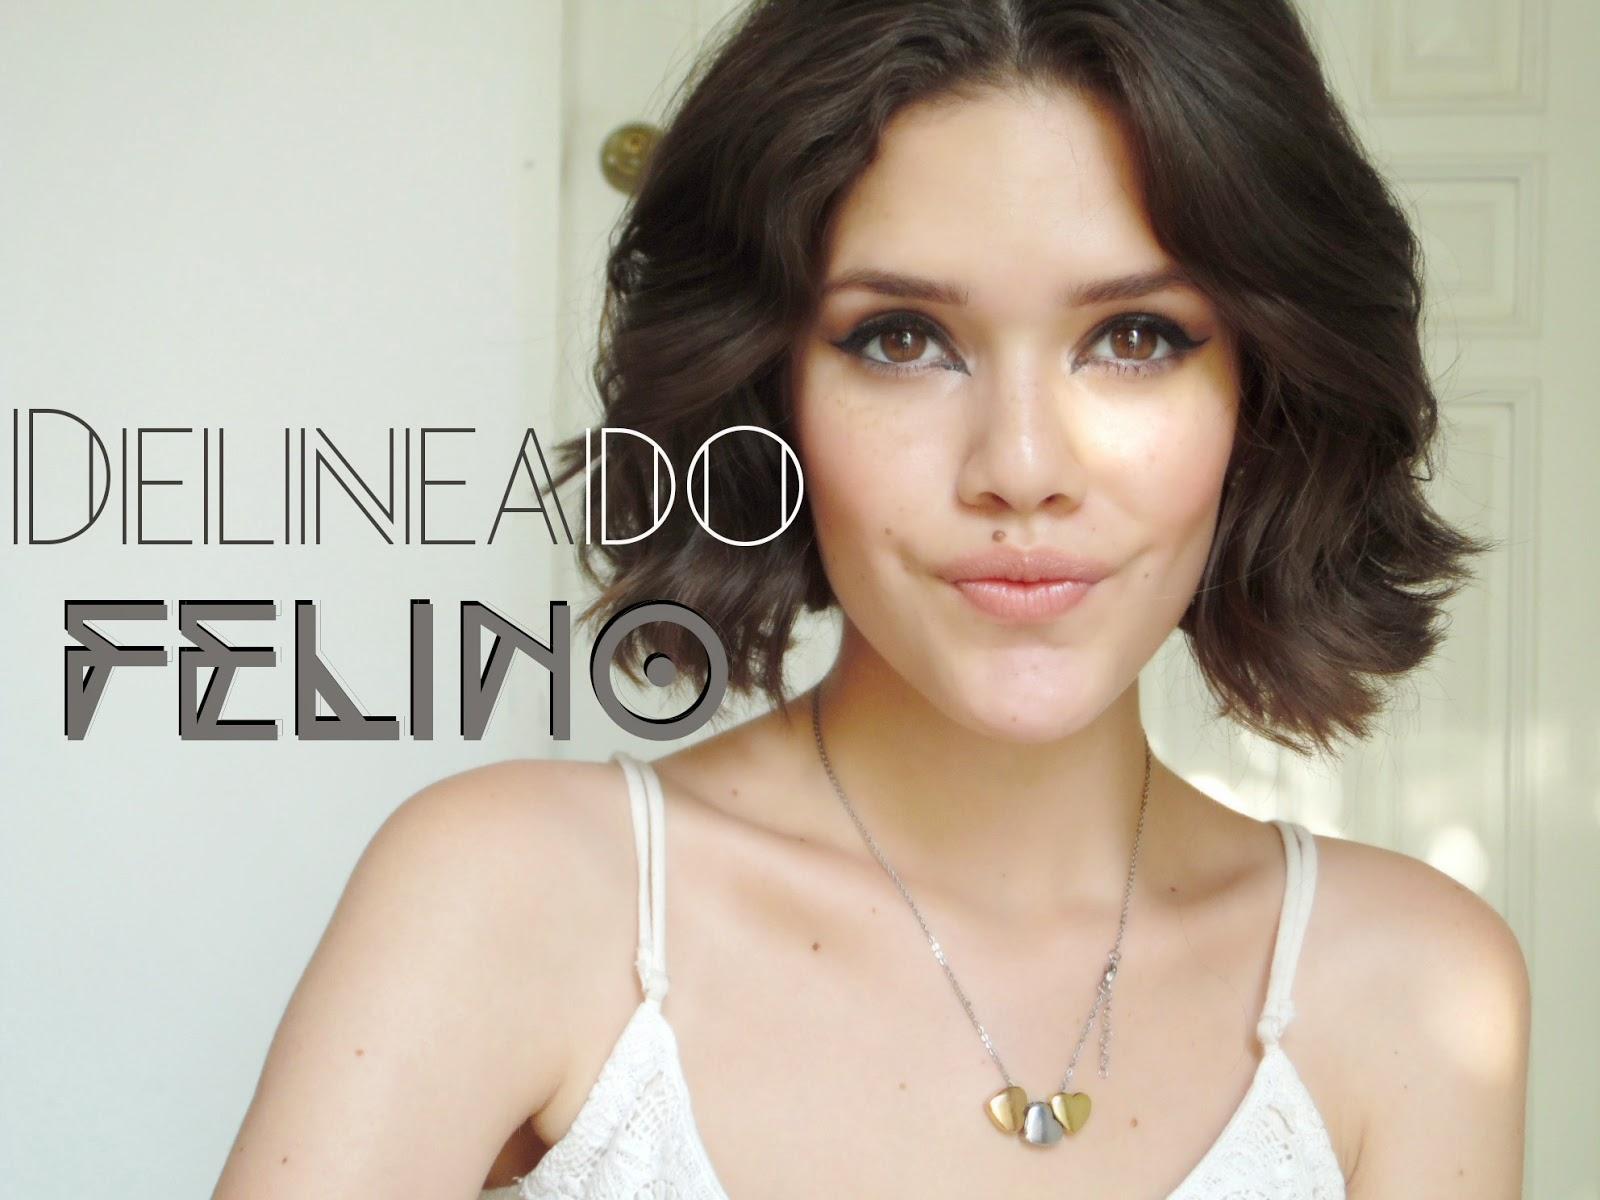 Delineado Felino!-399-ursulafl